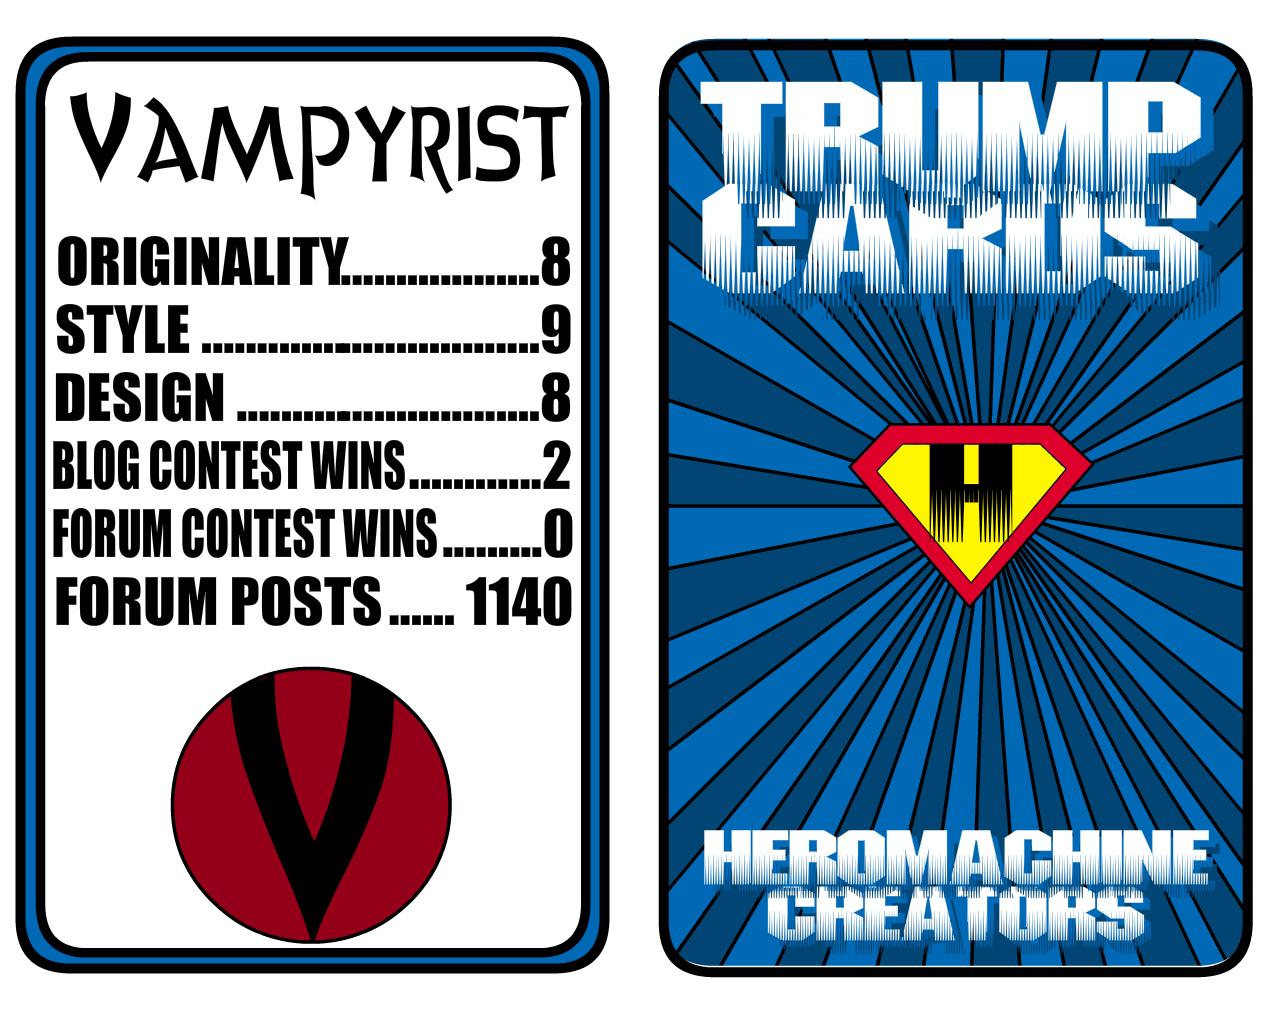 Vampyrist-Card-1.png